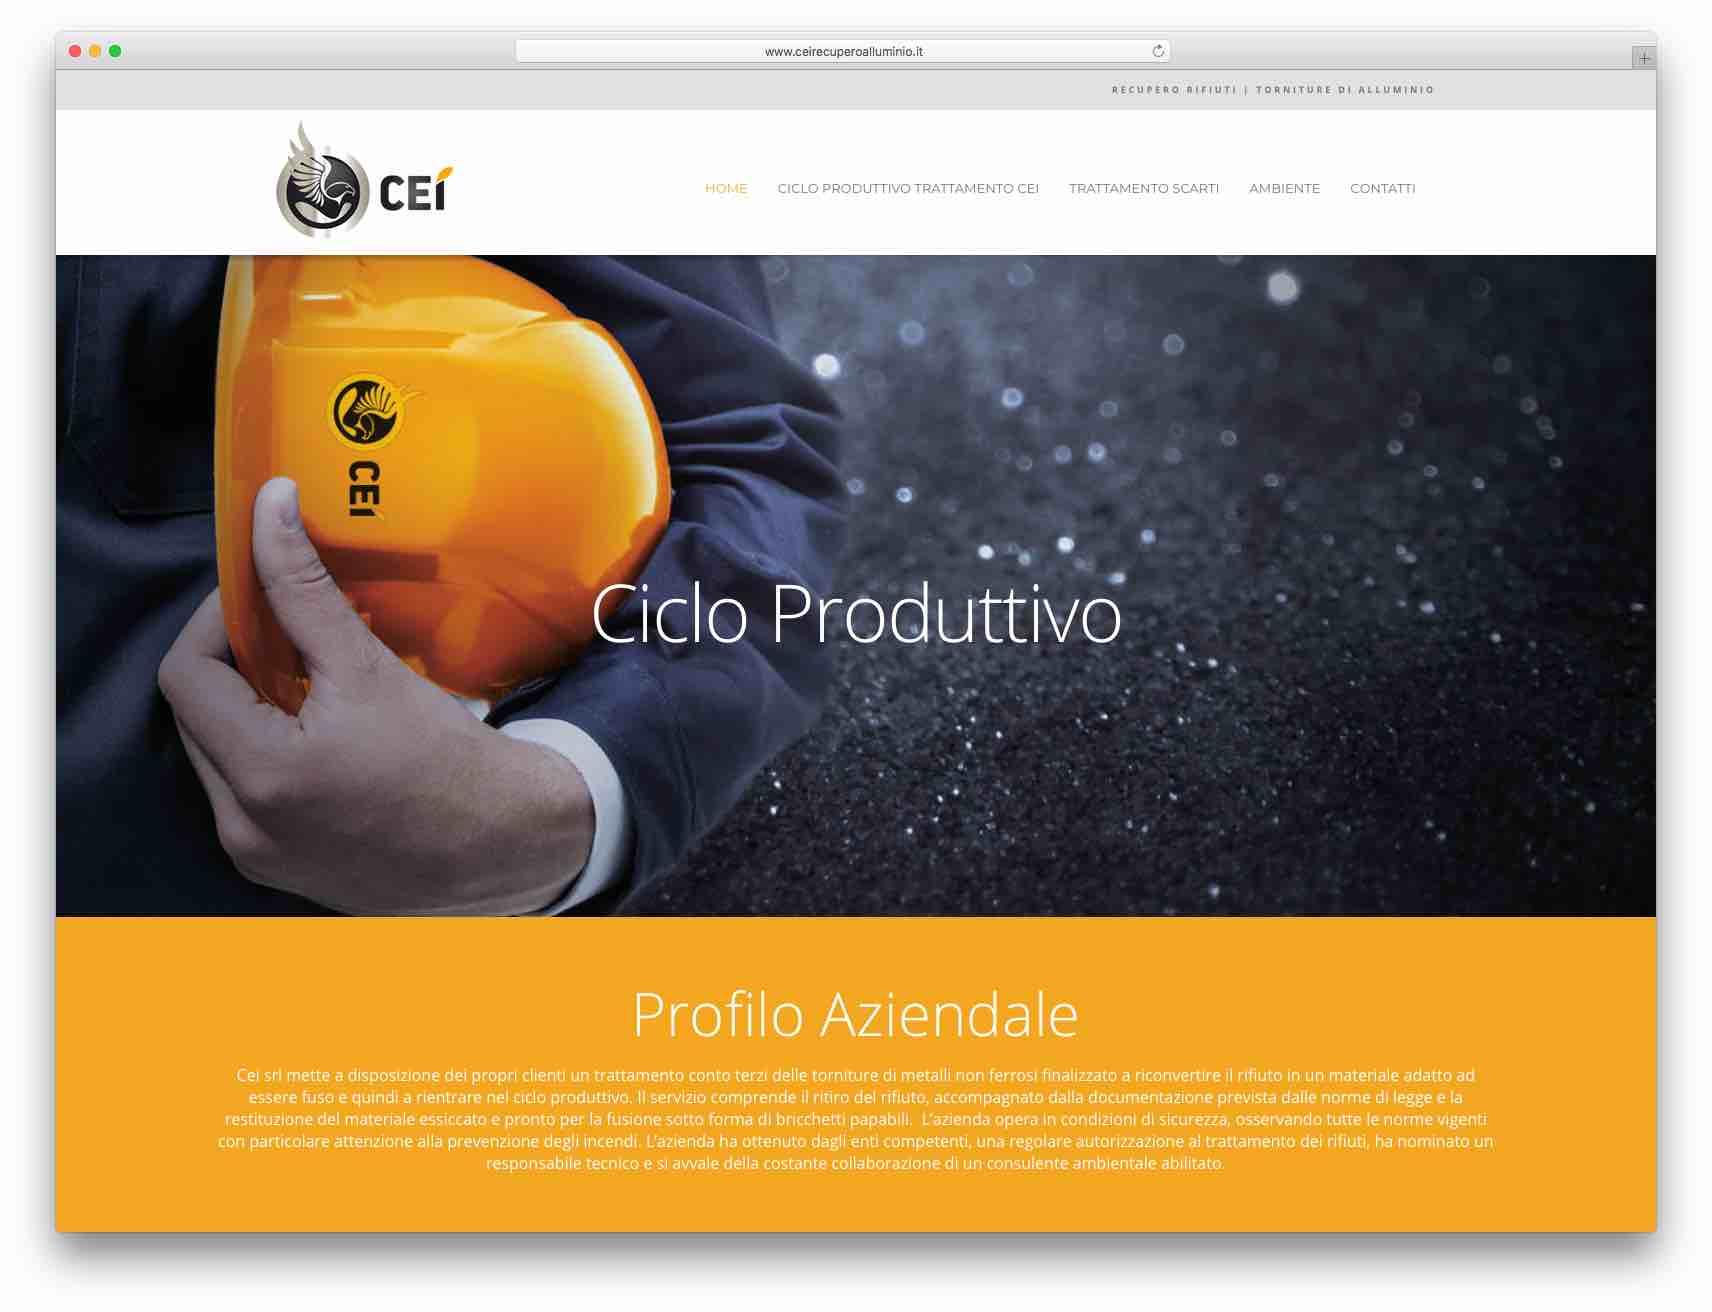 Creazione Siti Web Brescia - Sito Web Cei Recupero Alluminio